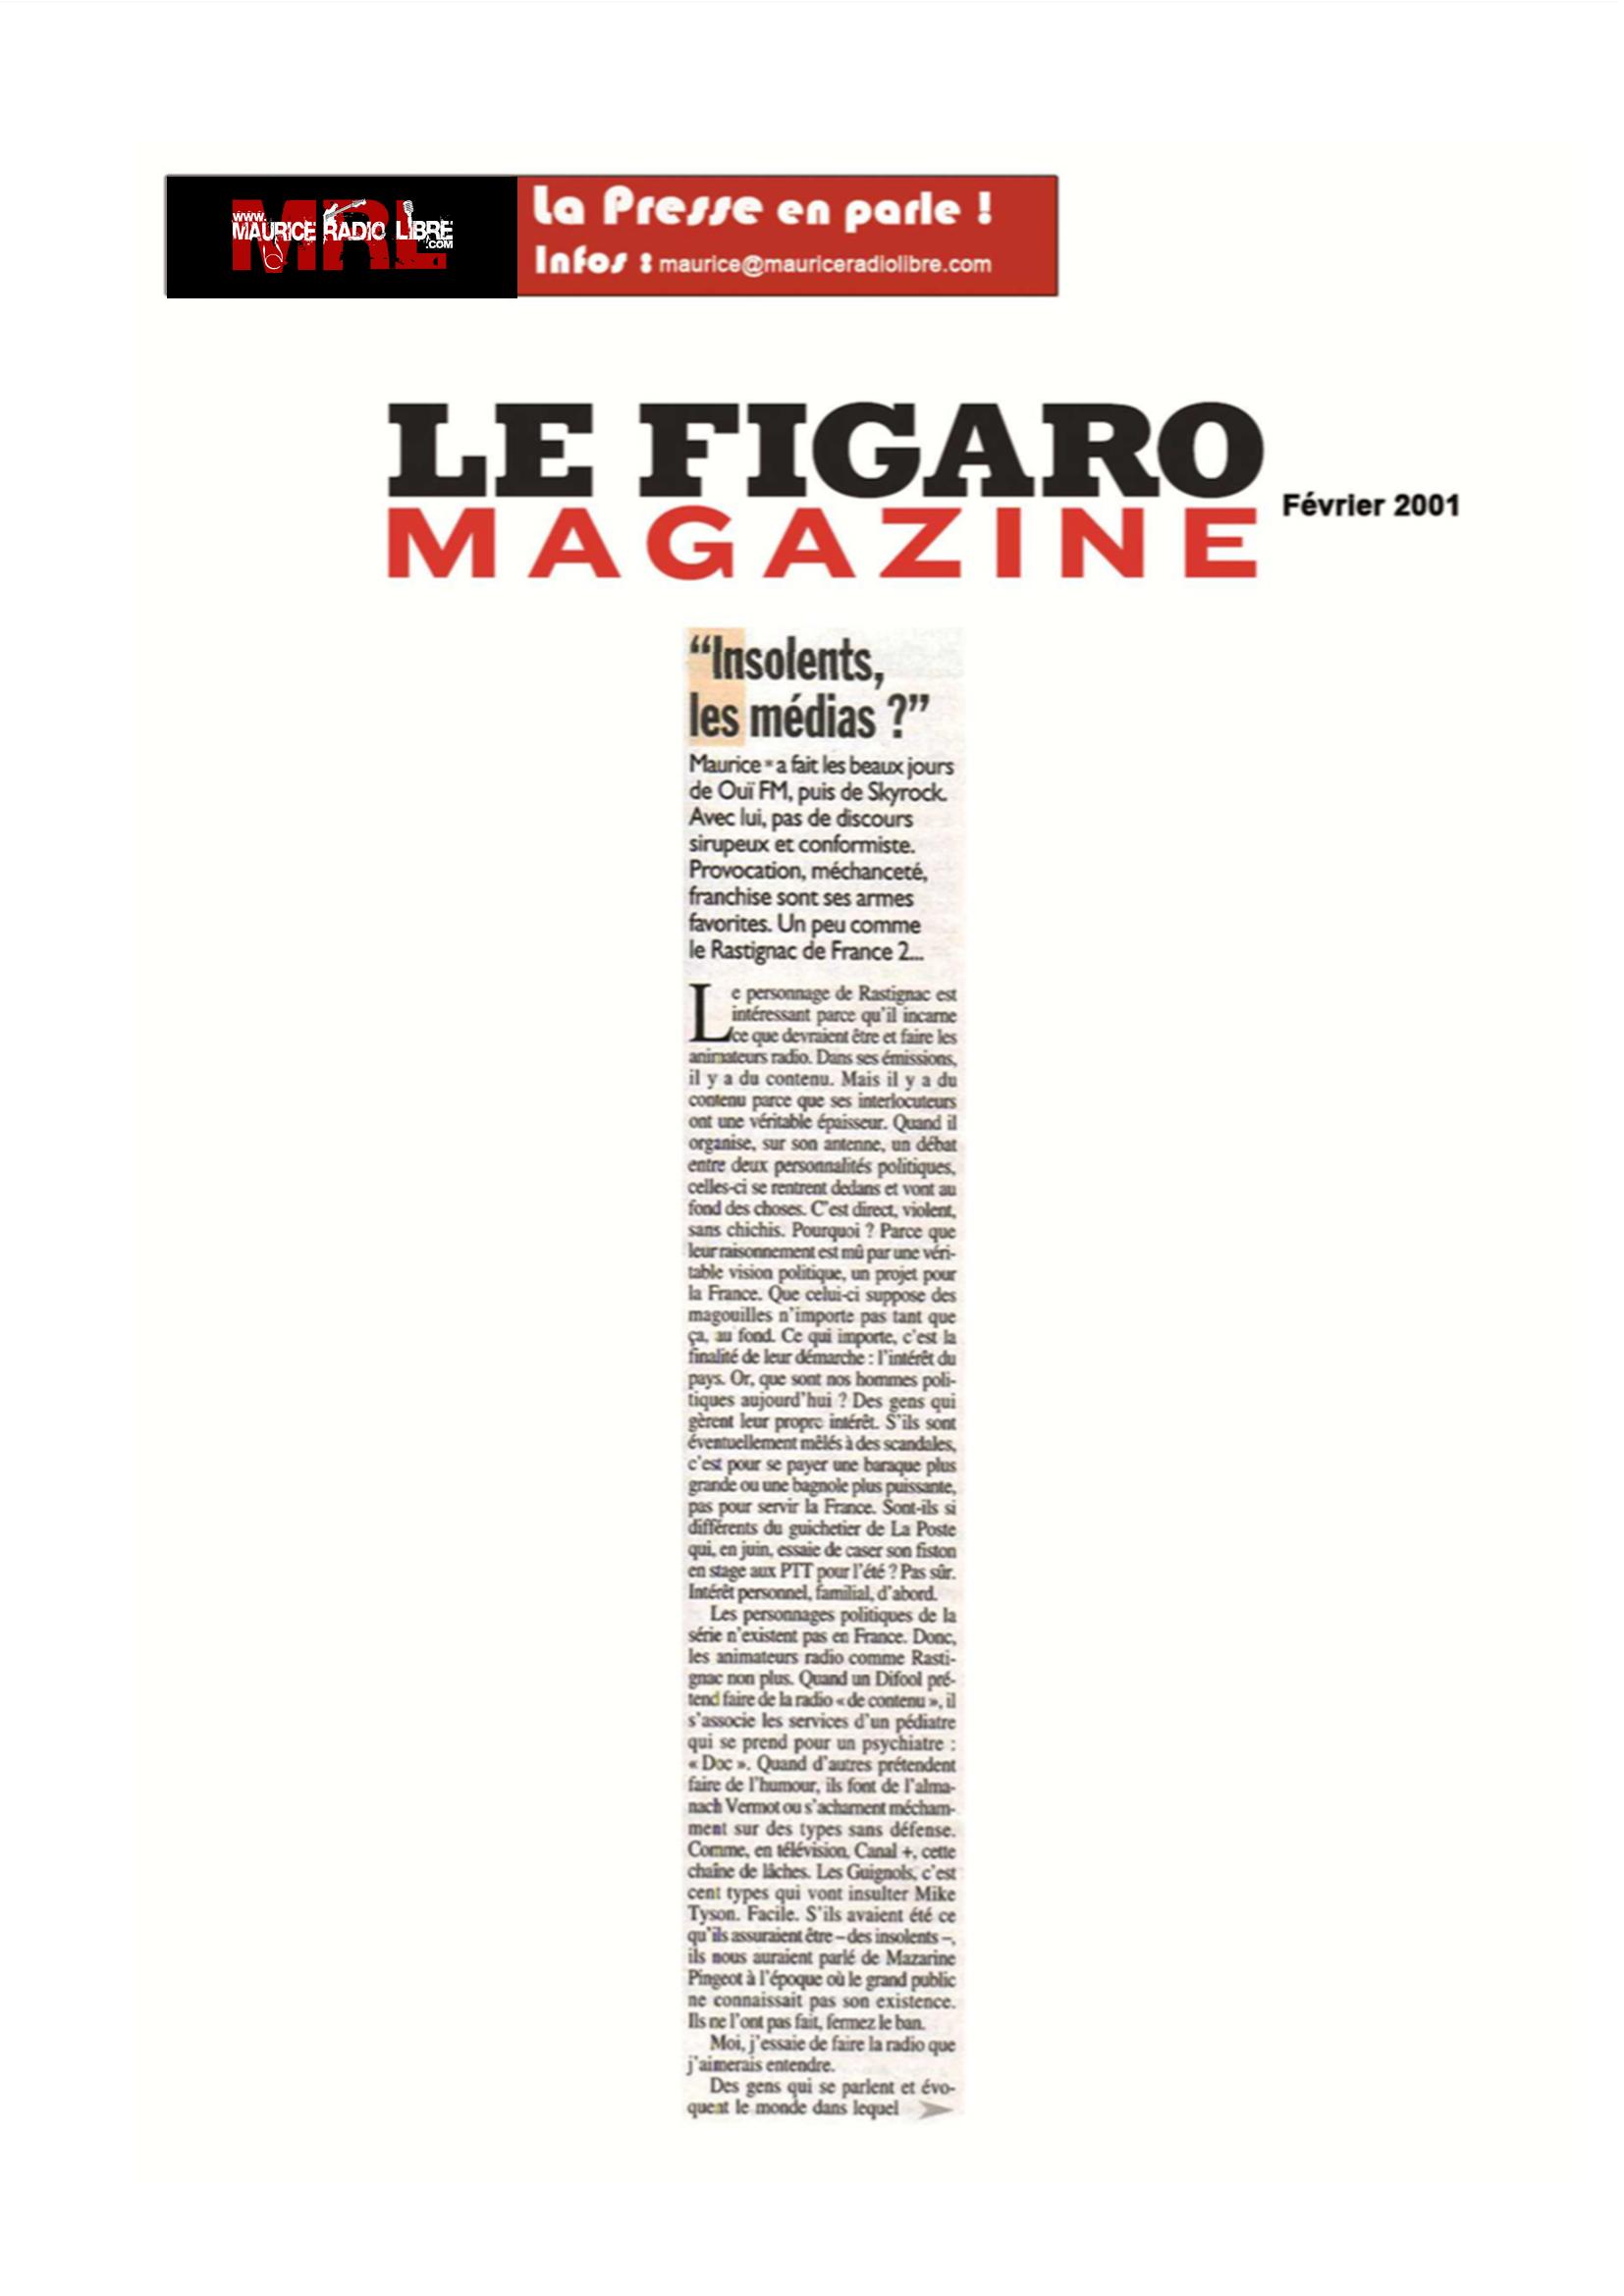 vignette Figaro Magazine Insolents les médias ? - Février 2001